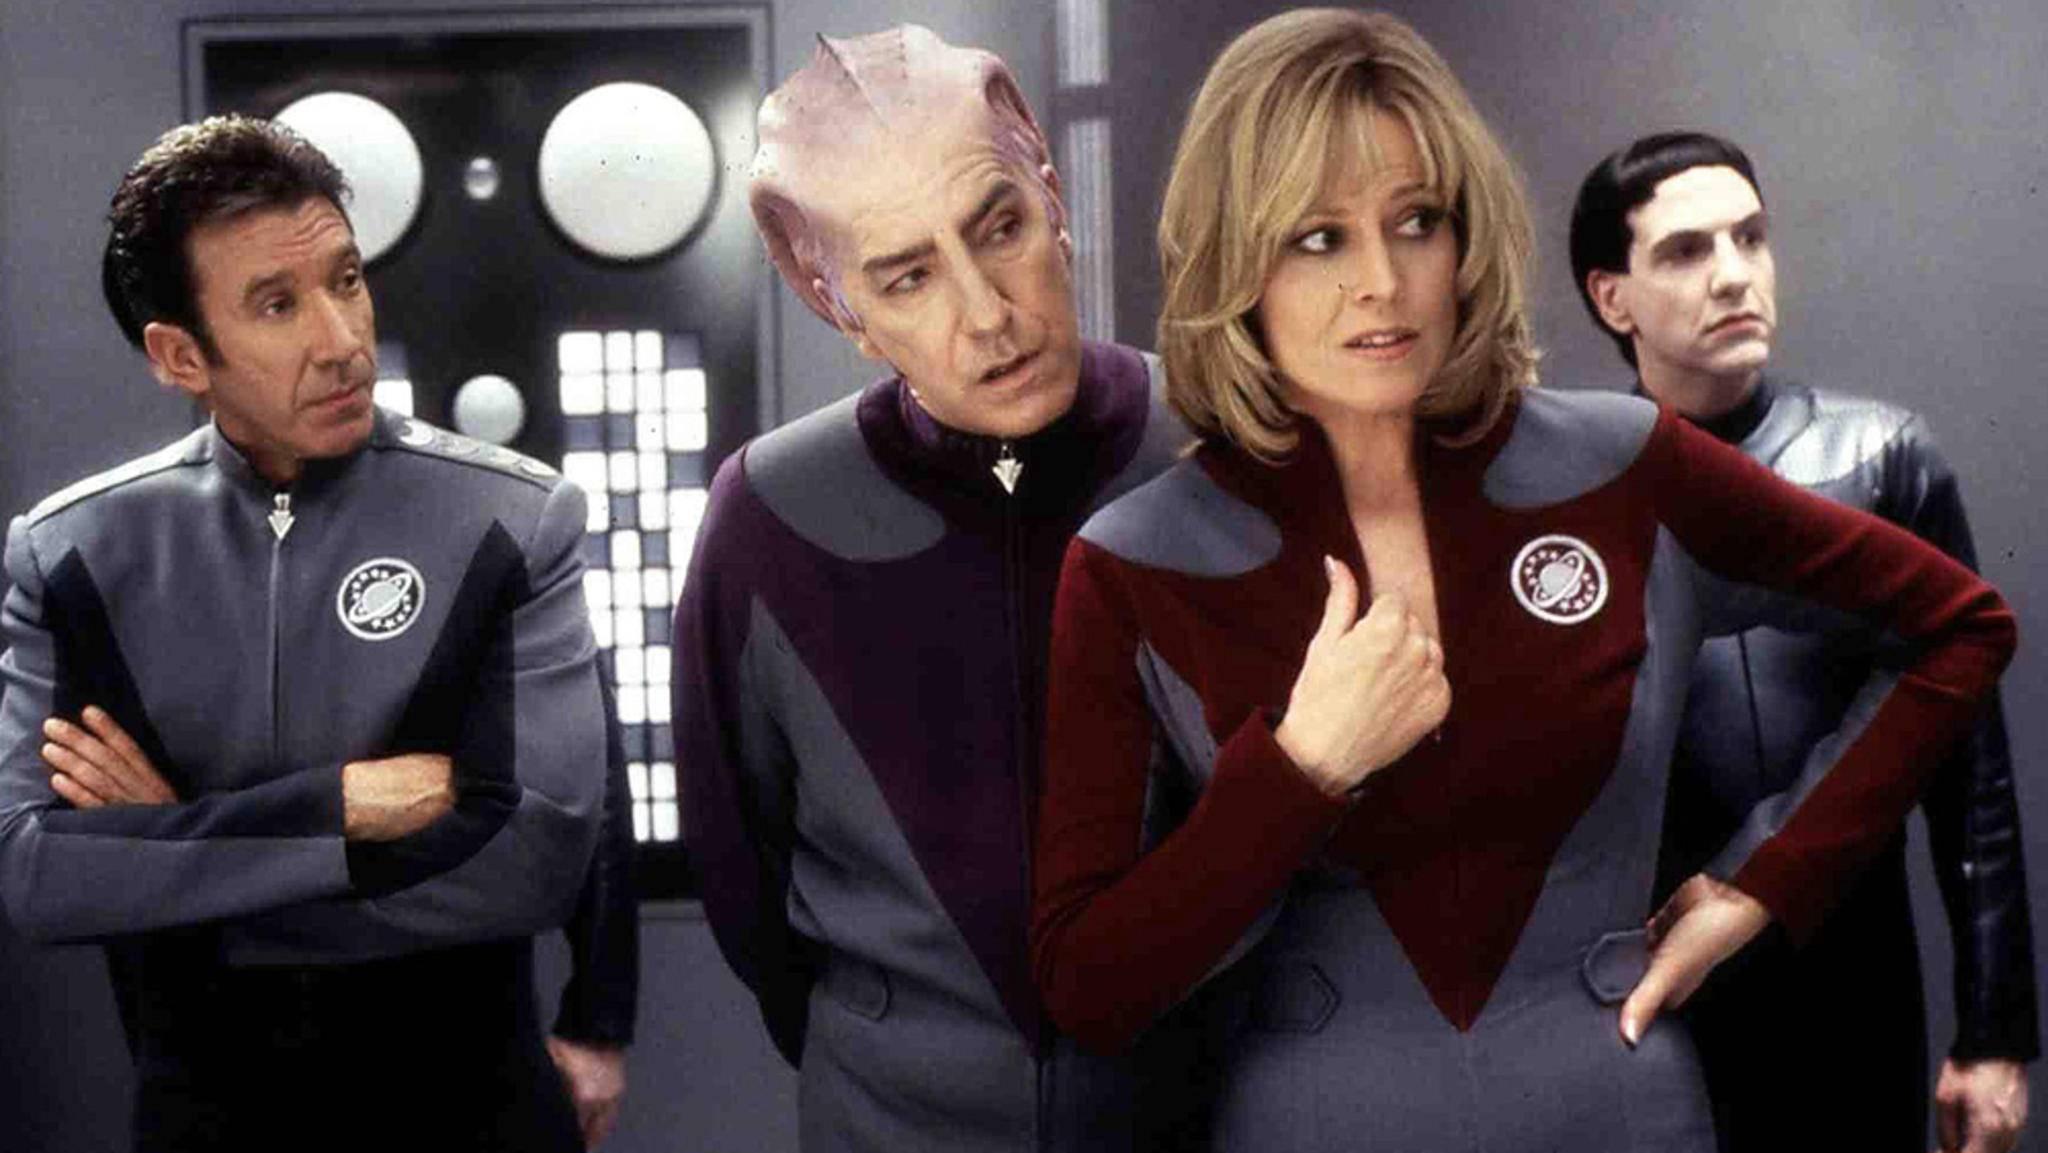 """Ob es in der """"Galaxy Quest""""-Serie wohl ein Wiedersehen mit Tim Allen, Sigourney Weaver und Co. geben wird?"""